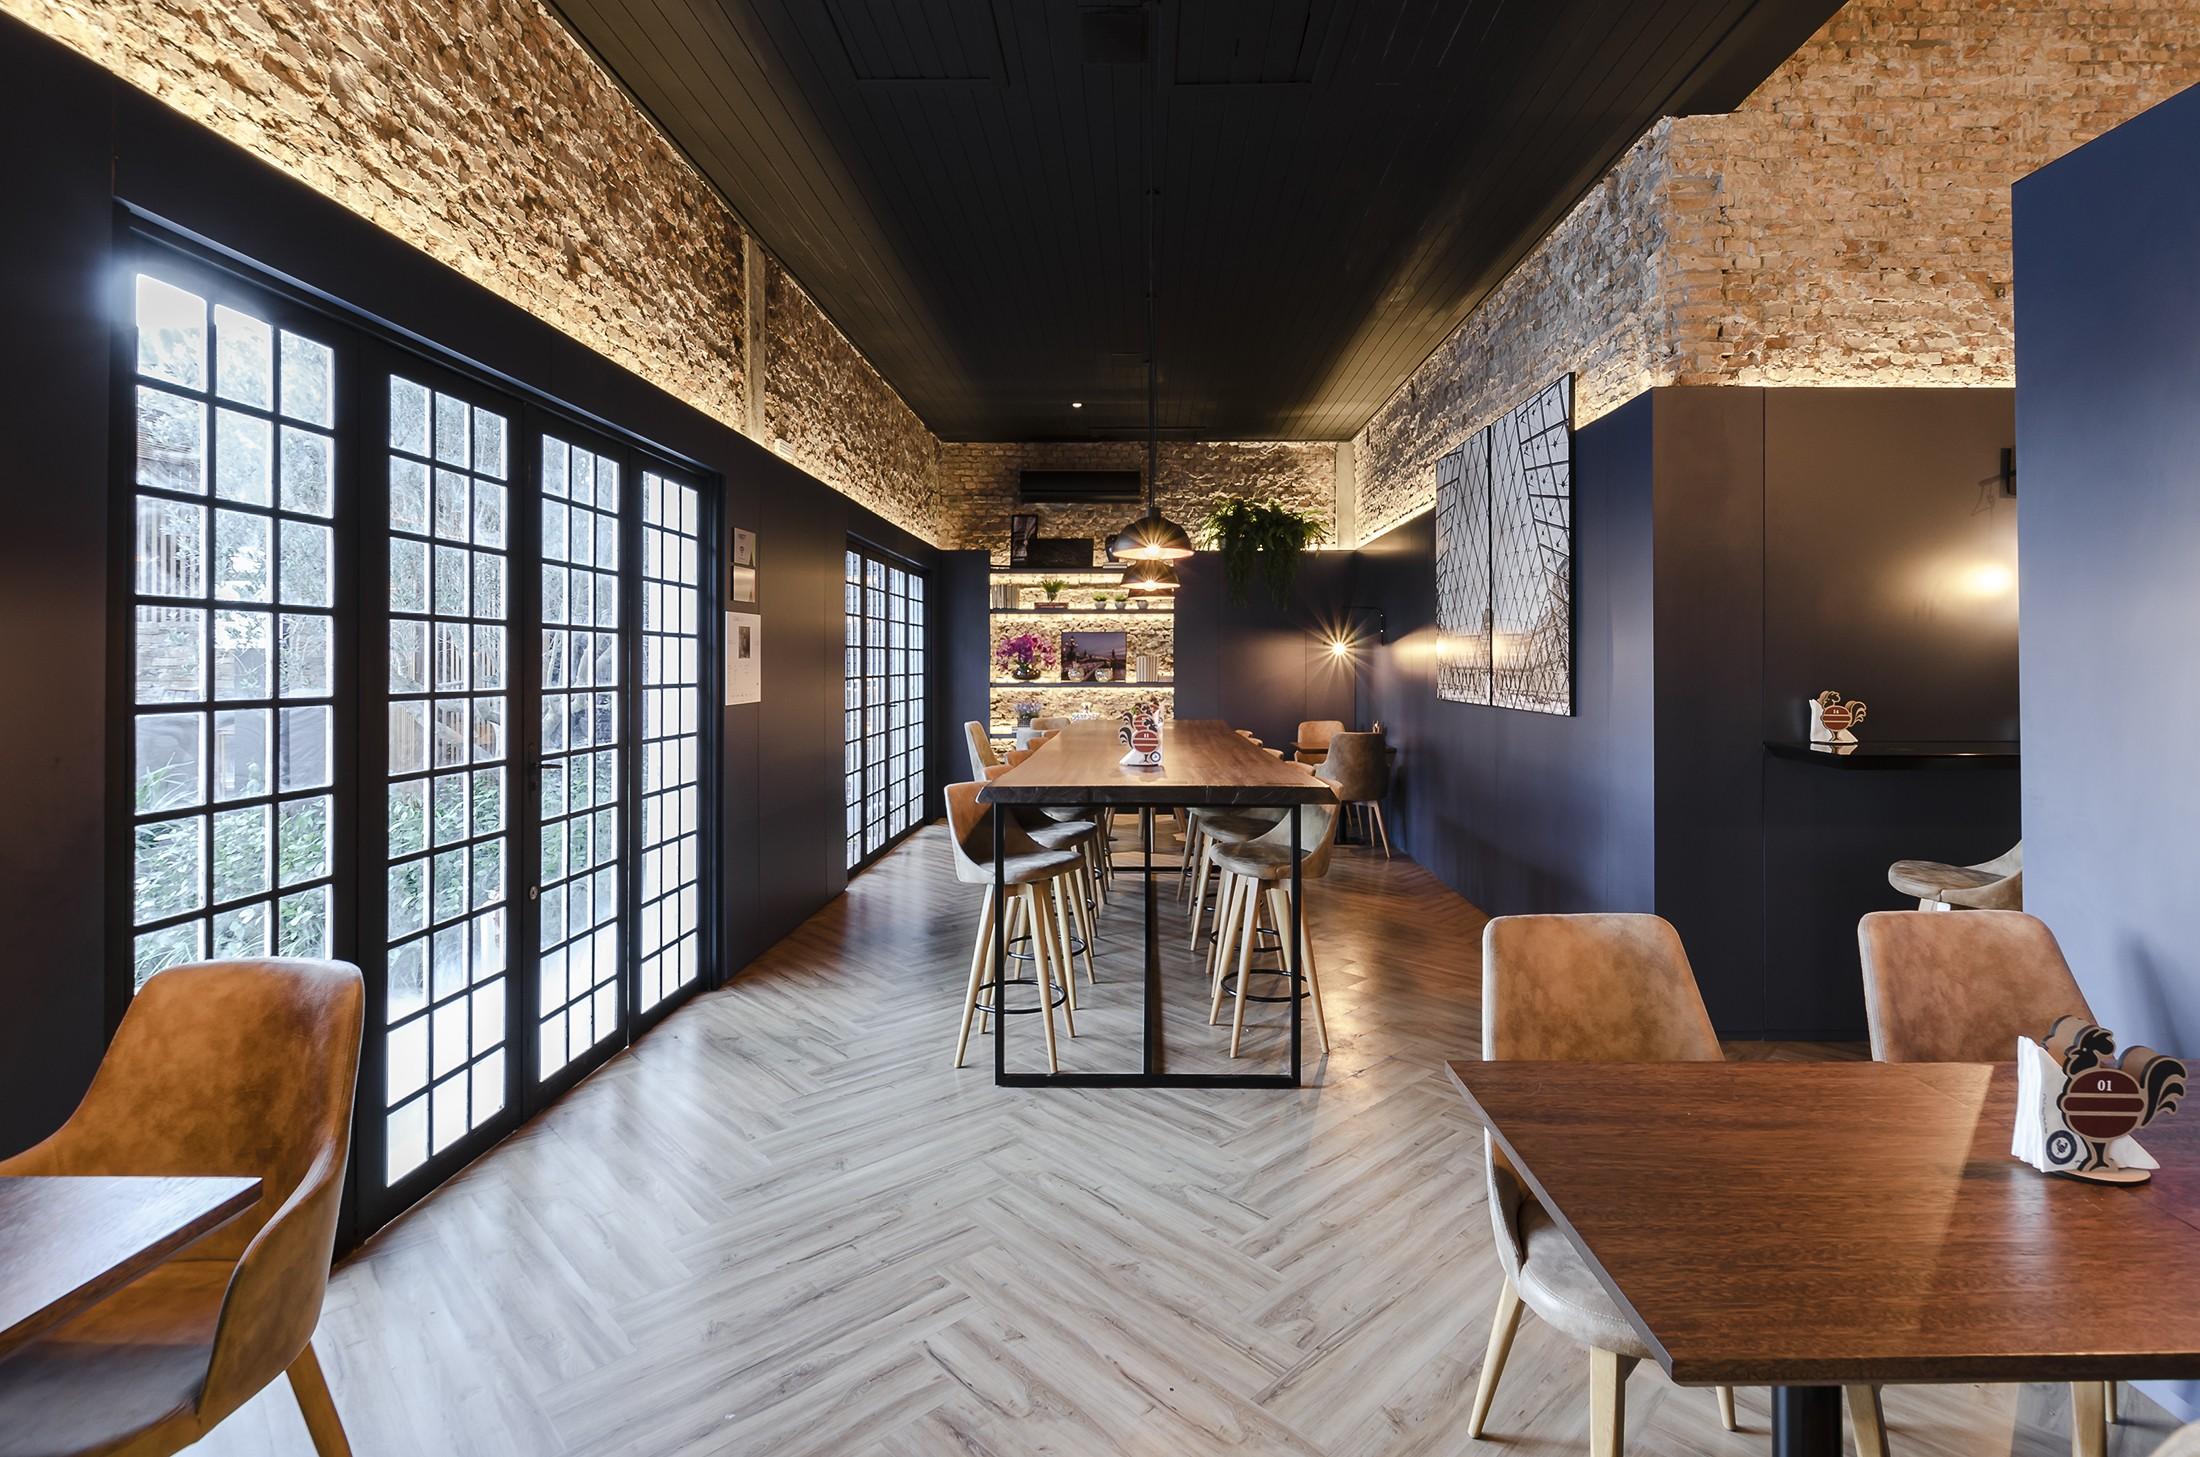 Linha Ambienta Series Bétula/ Código: 9344606 / Projeto: Restaurante / Arquiteta: Manuela Beheregaray / Revenda: Costaneira / Fotógrafo: Michael Hartmann